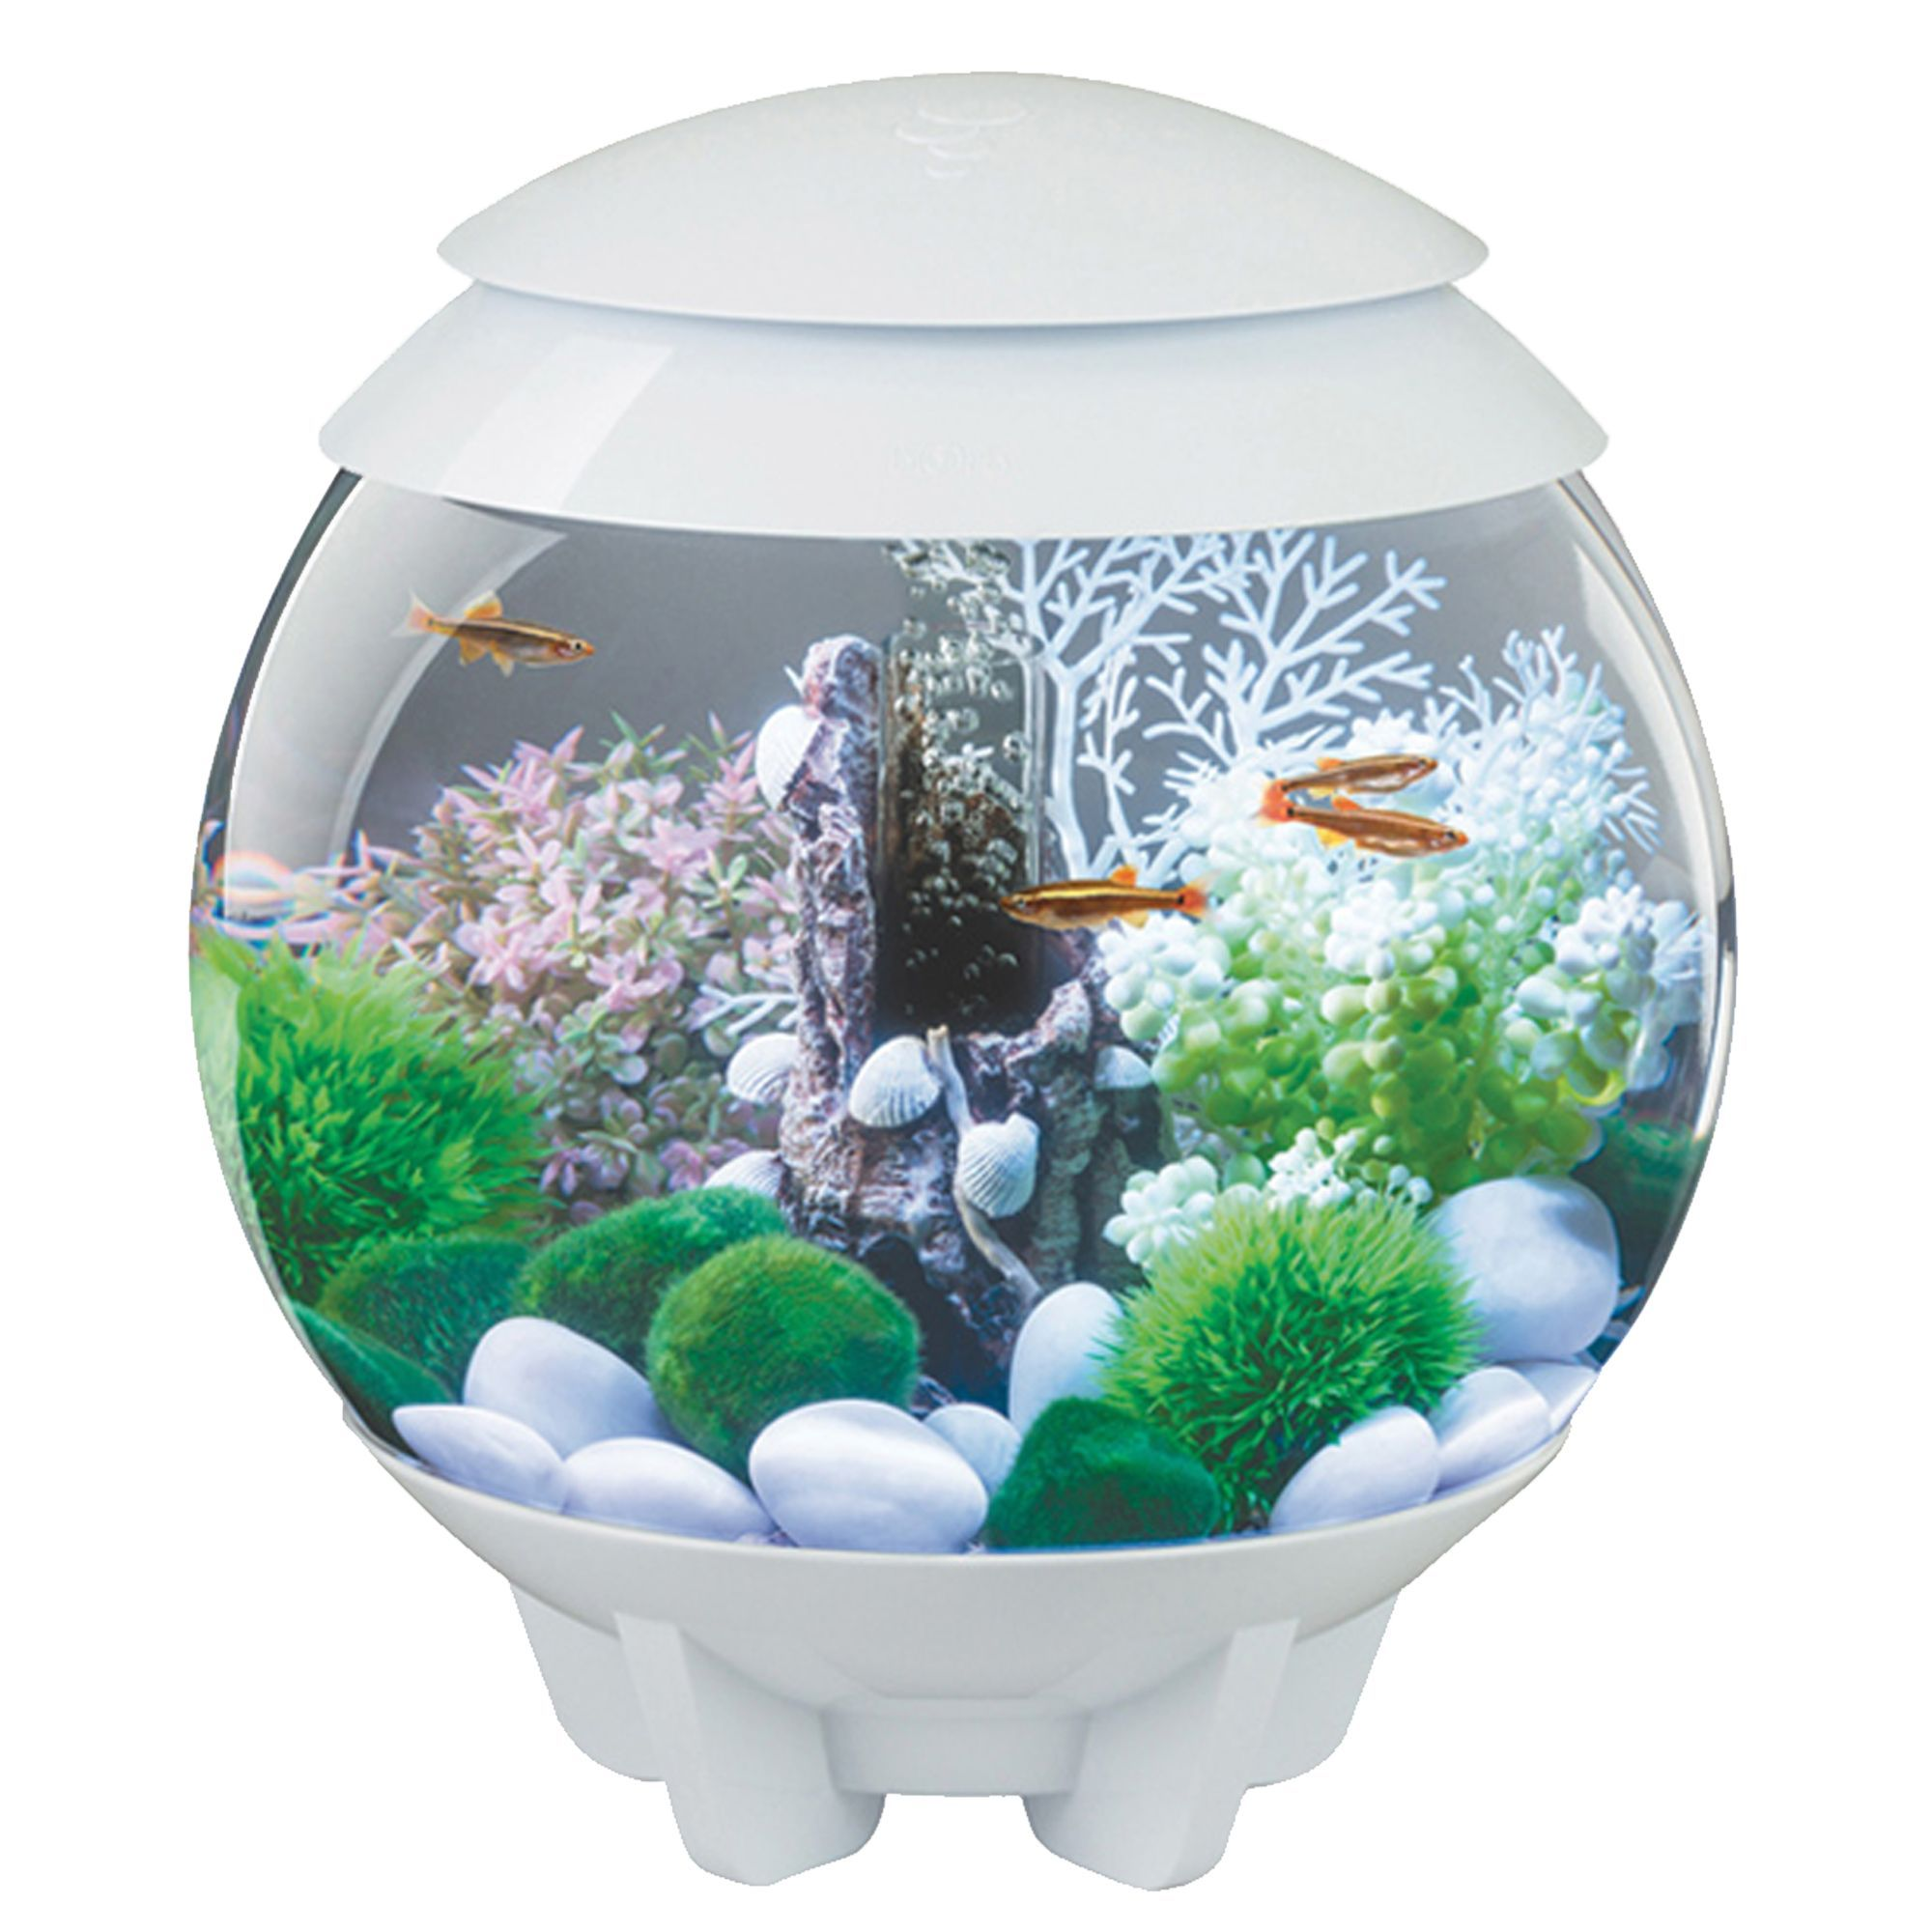 biOrb® HALO 4 Gallon LED Aquarium Amazing aquariums